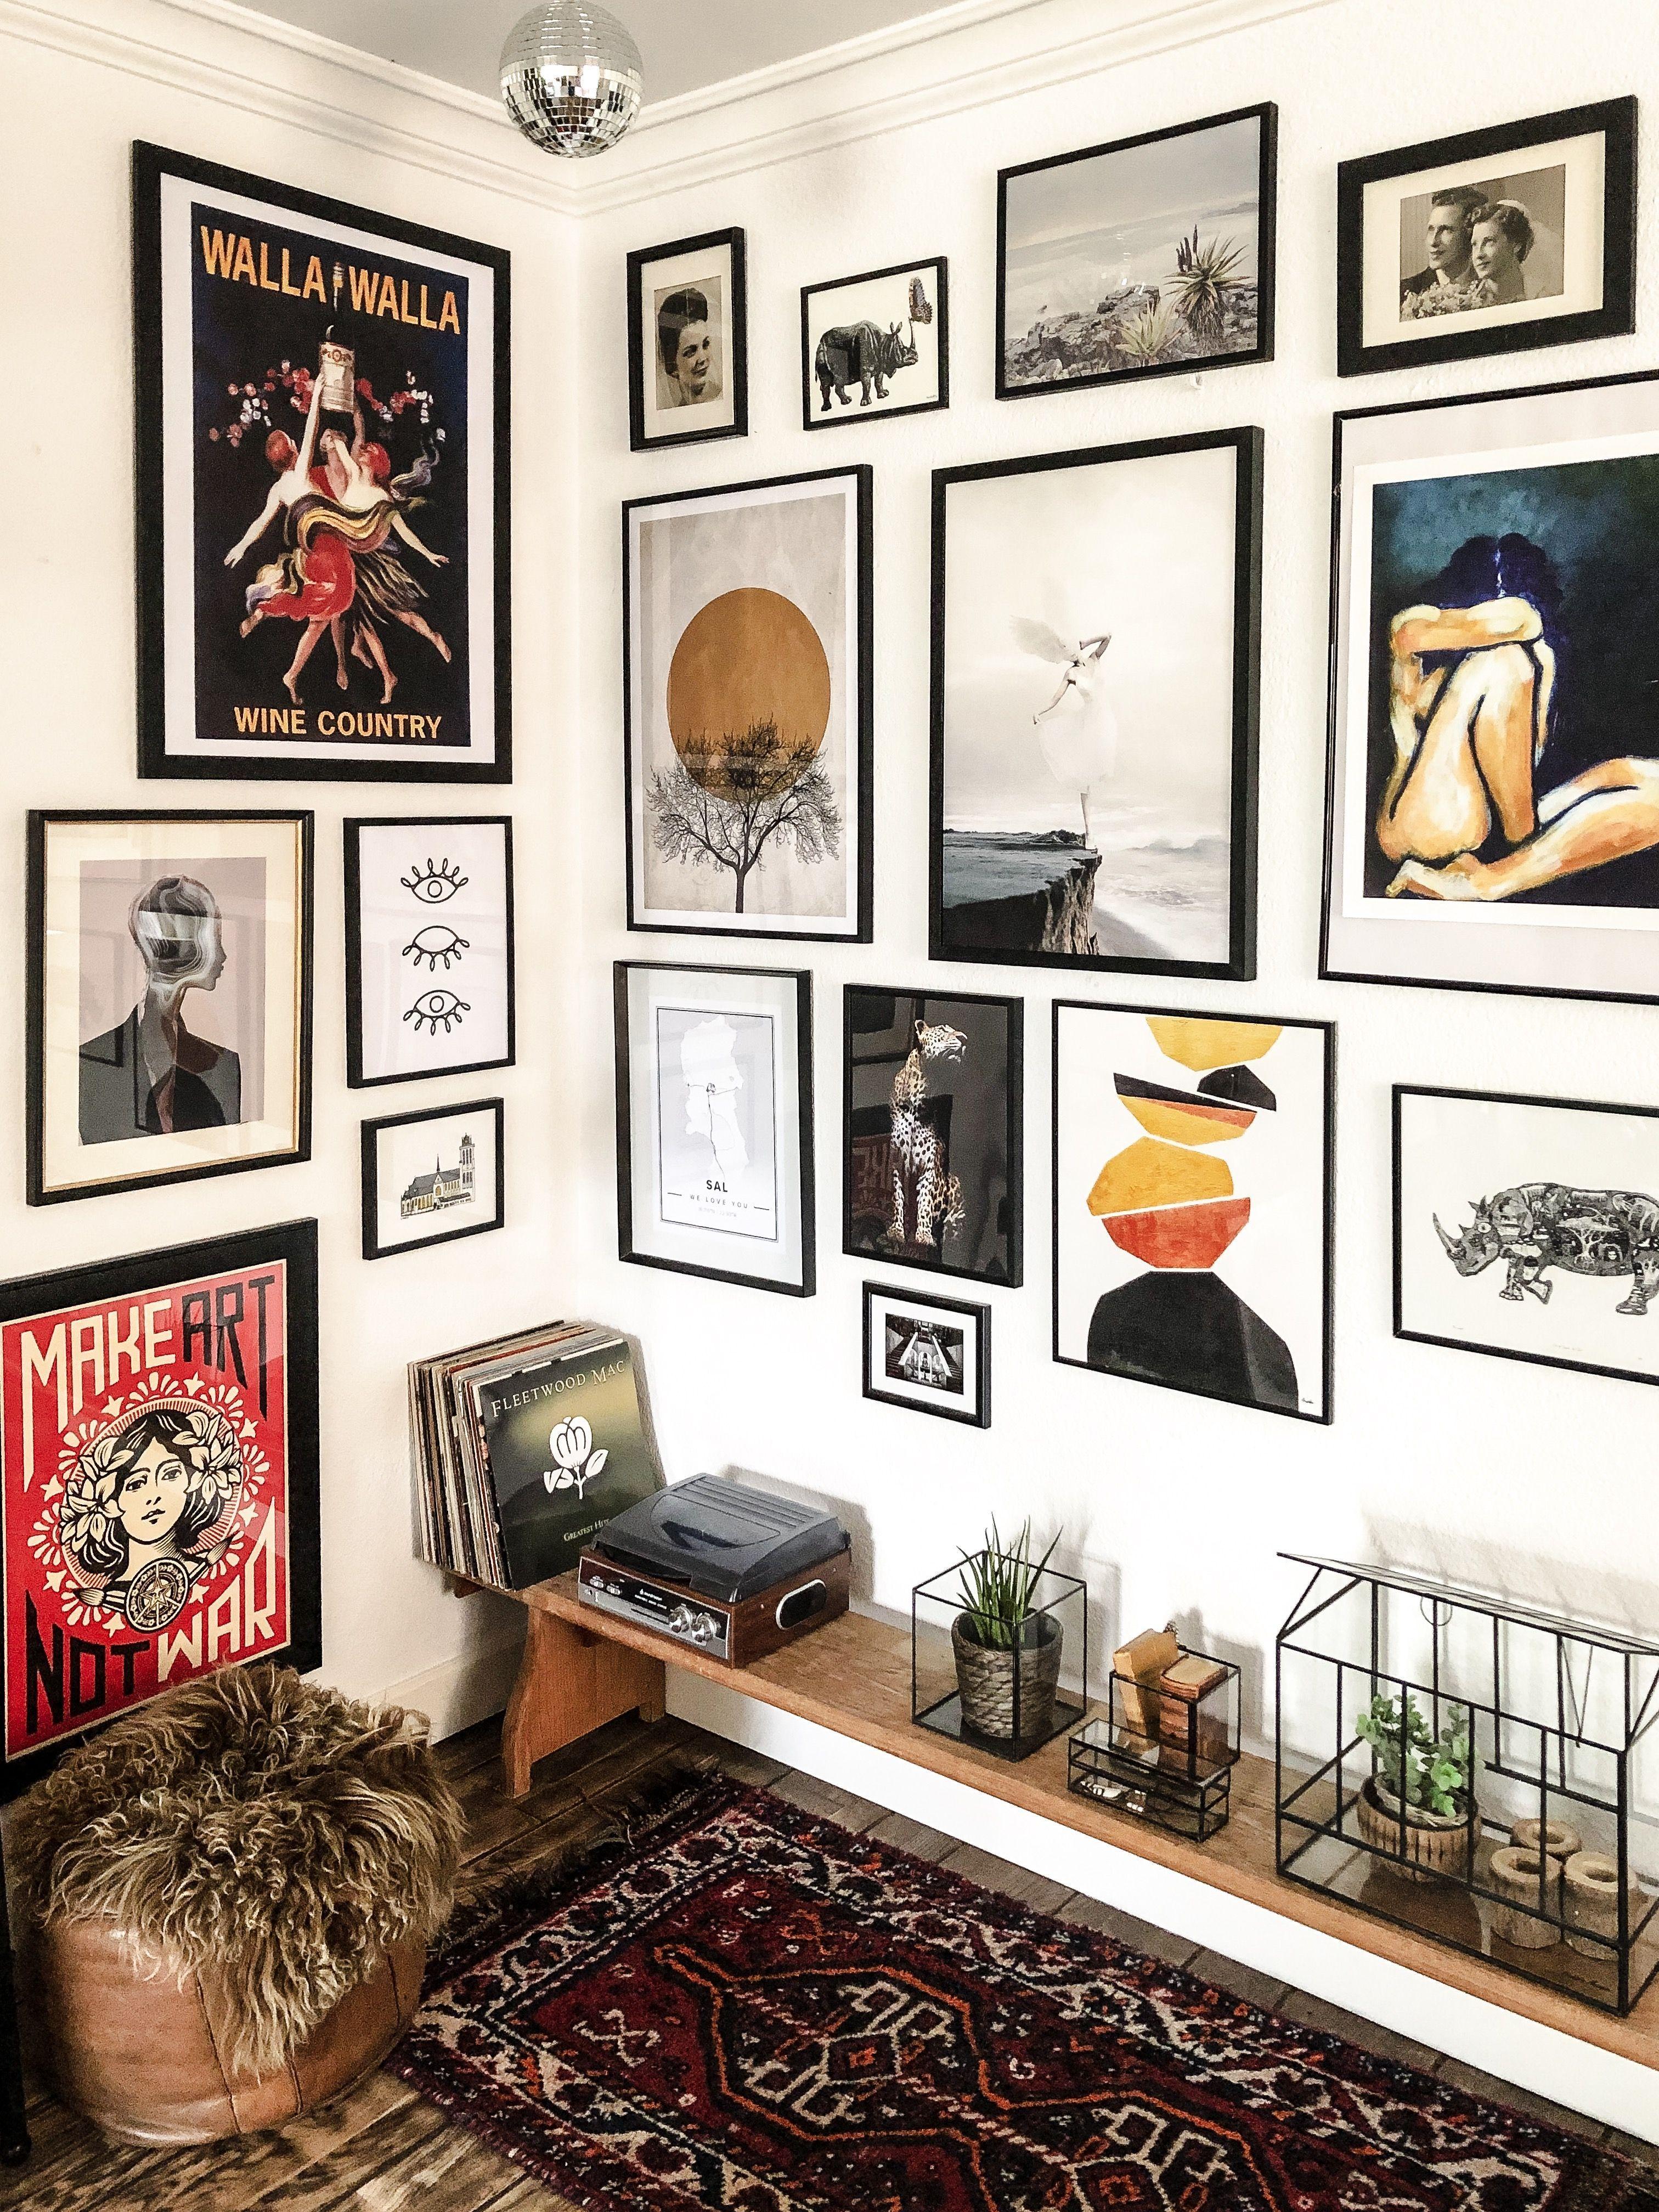 Een Gallery Wall Is Een Goede Manier Om Je Favoriete Kunst Naar Voren Te Laten Komen A Gallery Wall Is A Perfect Art Eclectic Gallery Wall Decor Gallery Wall Living room decor gallery